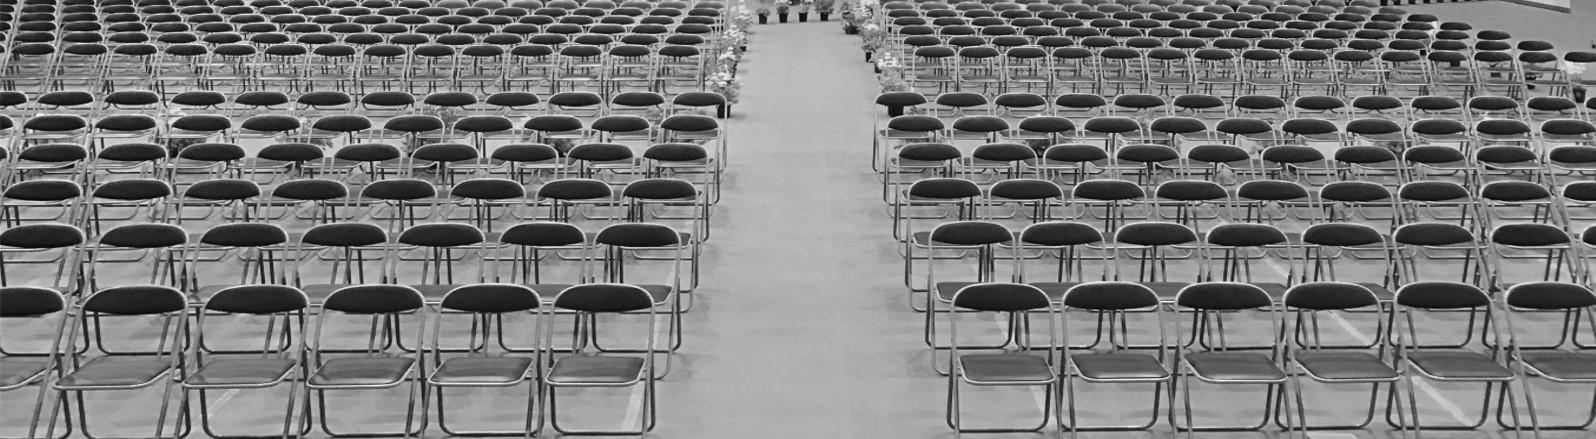 会議、中学校、コツ、効率